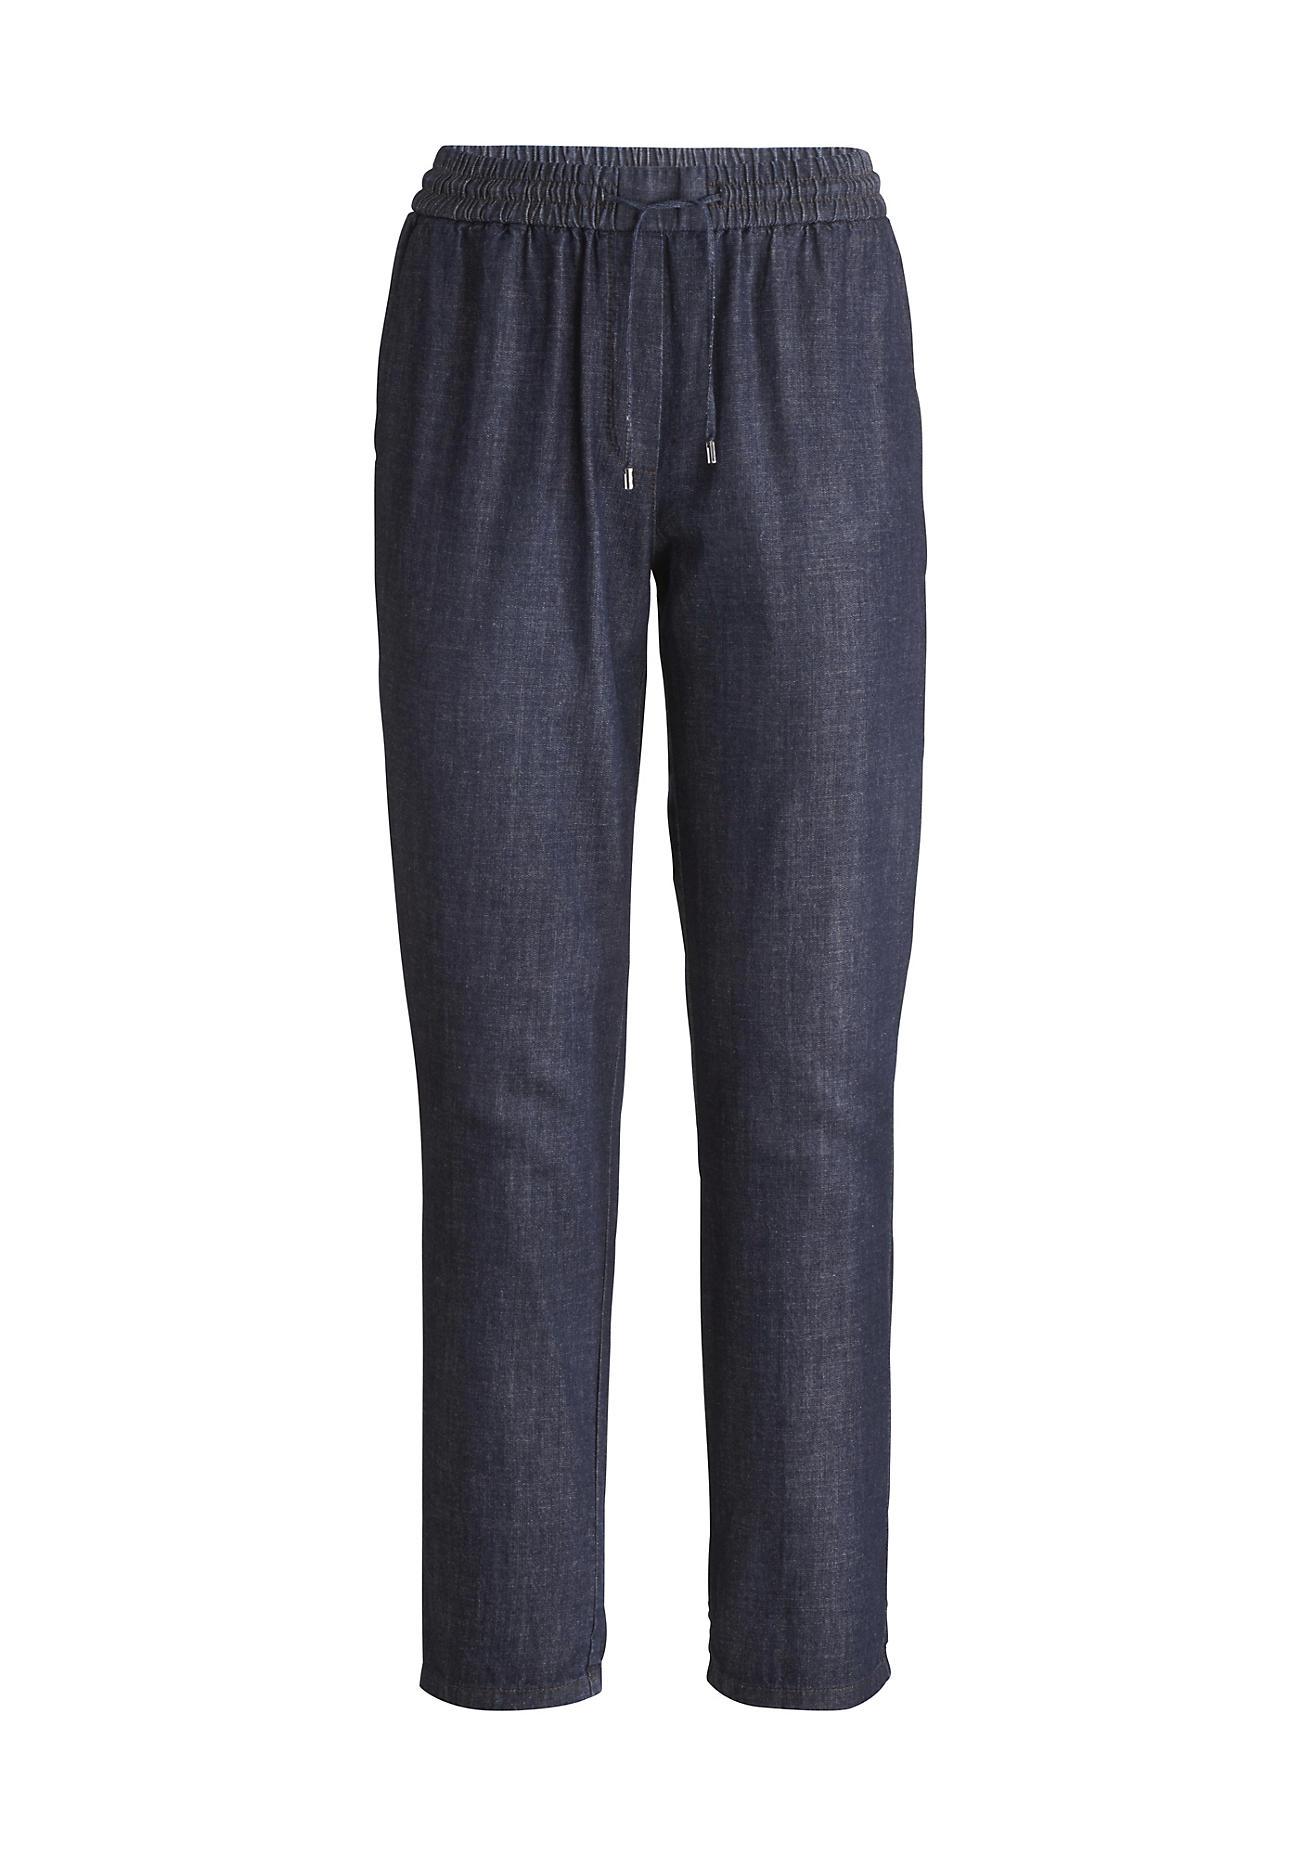 Hosen für Frauen - hessnatur Damen Schlupf Jeans aus Bio Denim – blau –  - Onlineshop Hessnatur